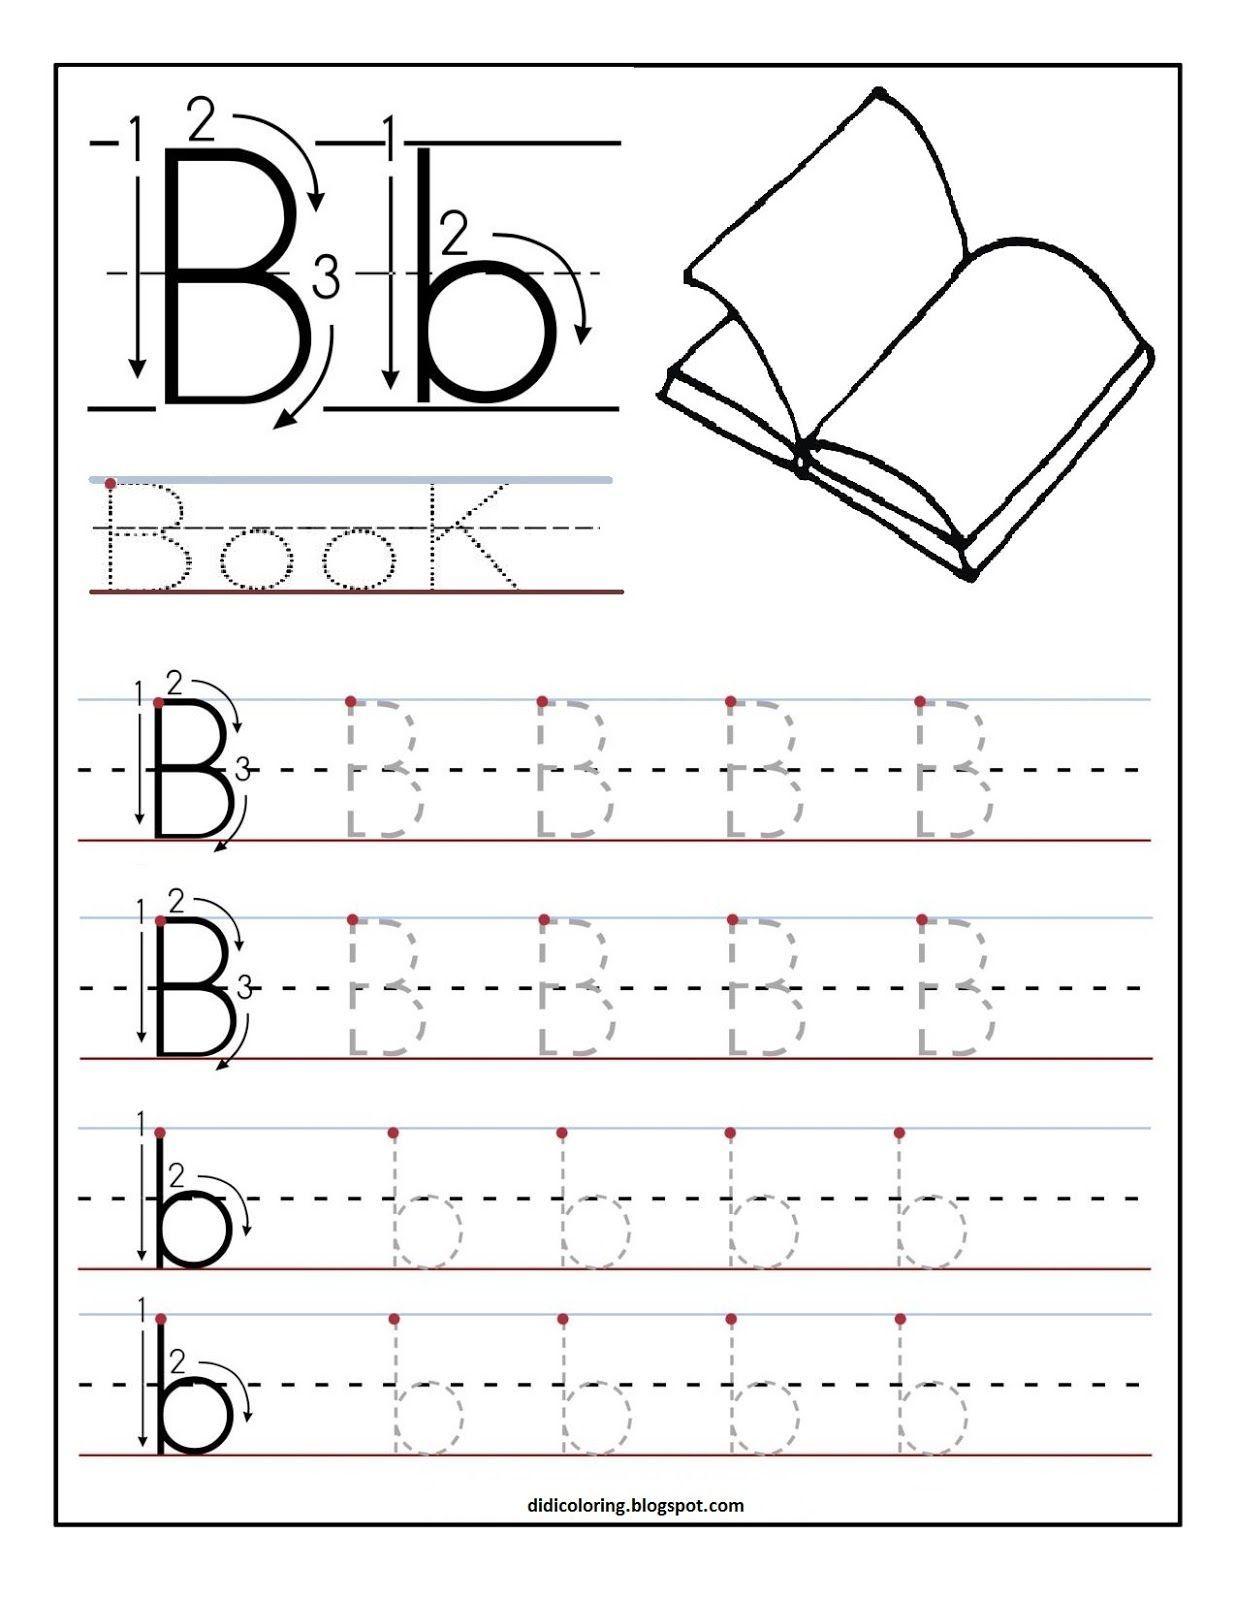 Free Printable Preschool Worksheets For Print Letter Worksheets For Preschool Alphabet Worksheets Preschool Letter B Worksheets [ 1600 x 1236 Pixel ]